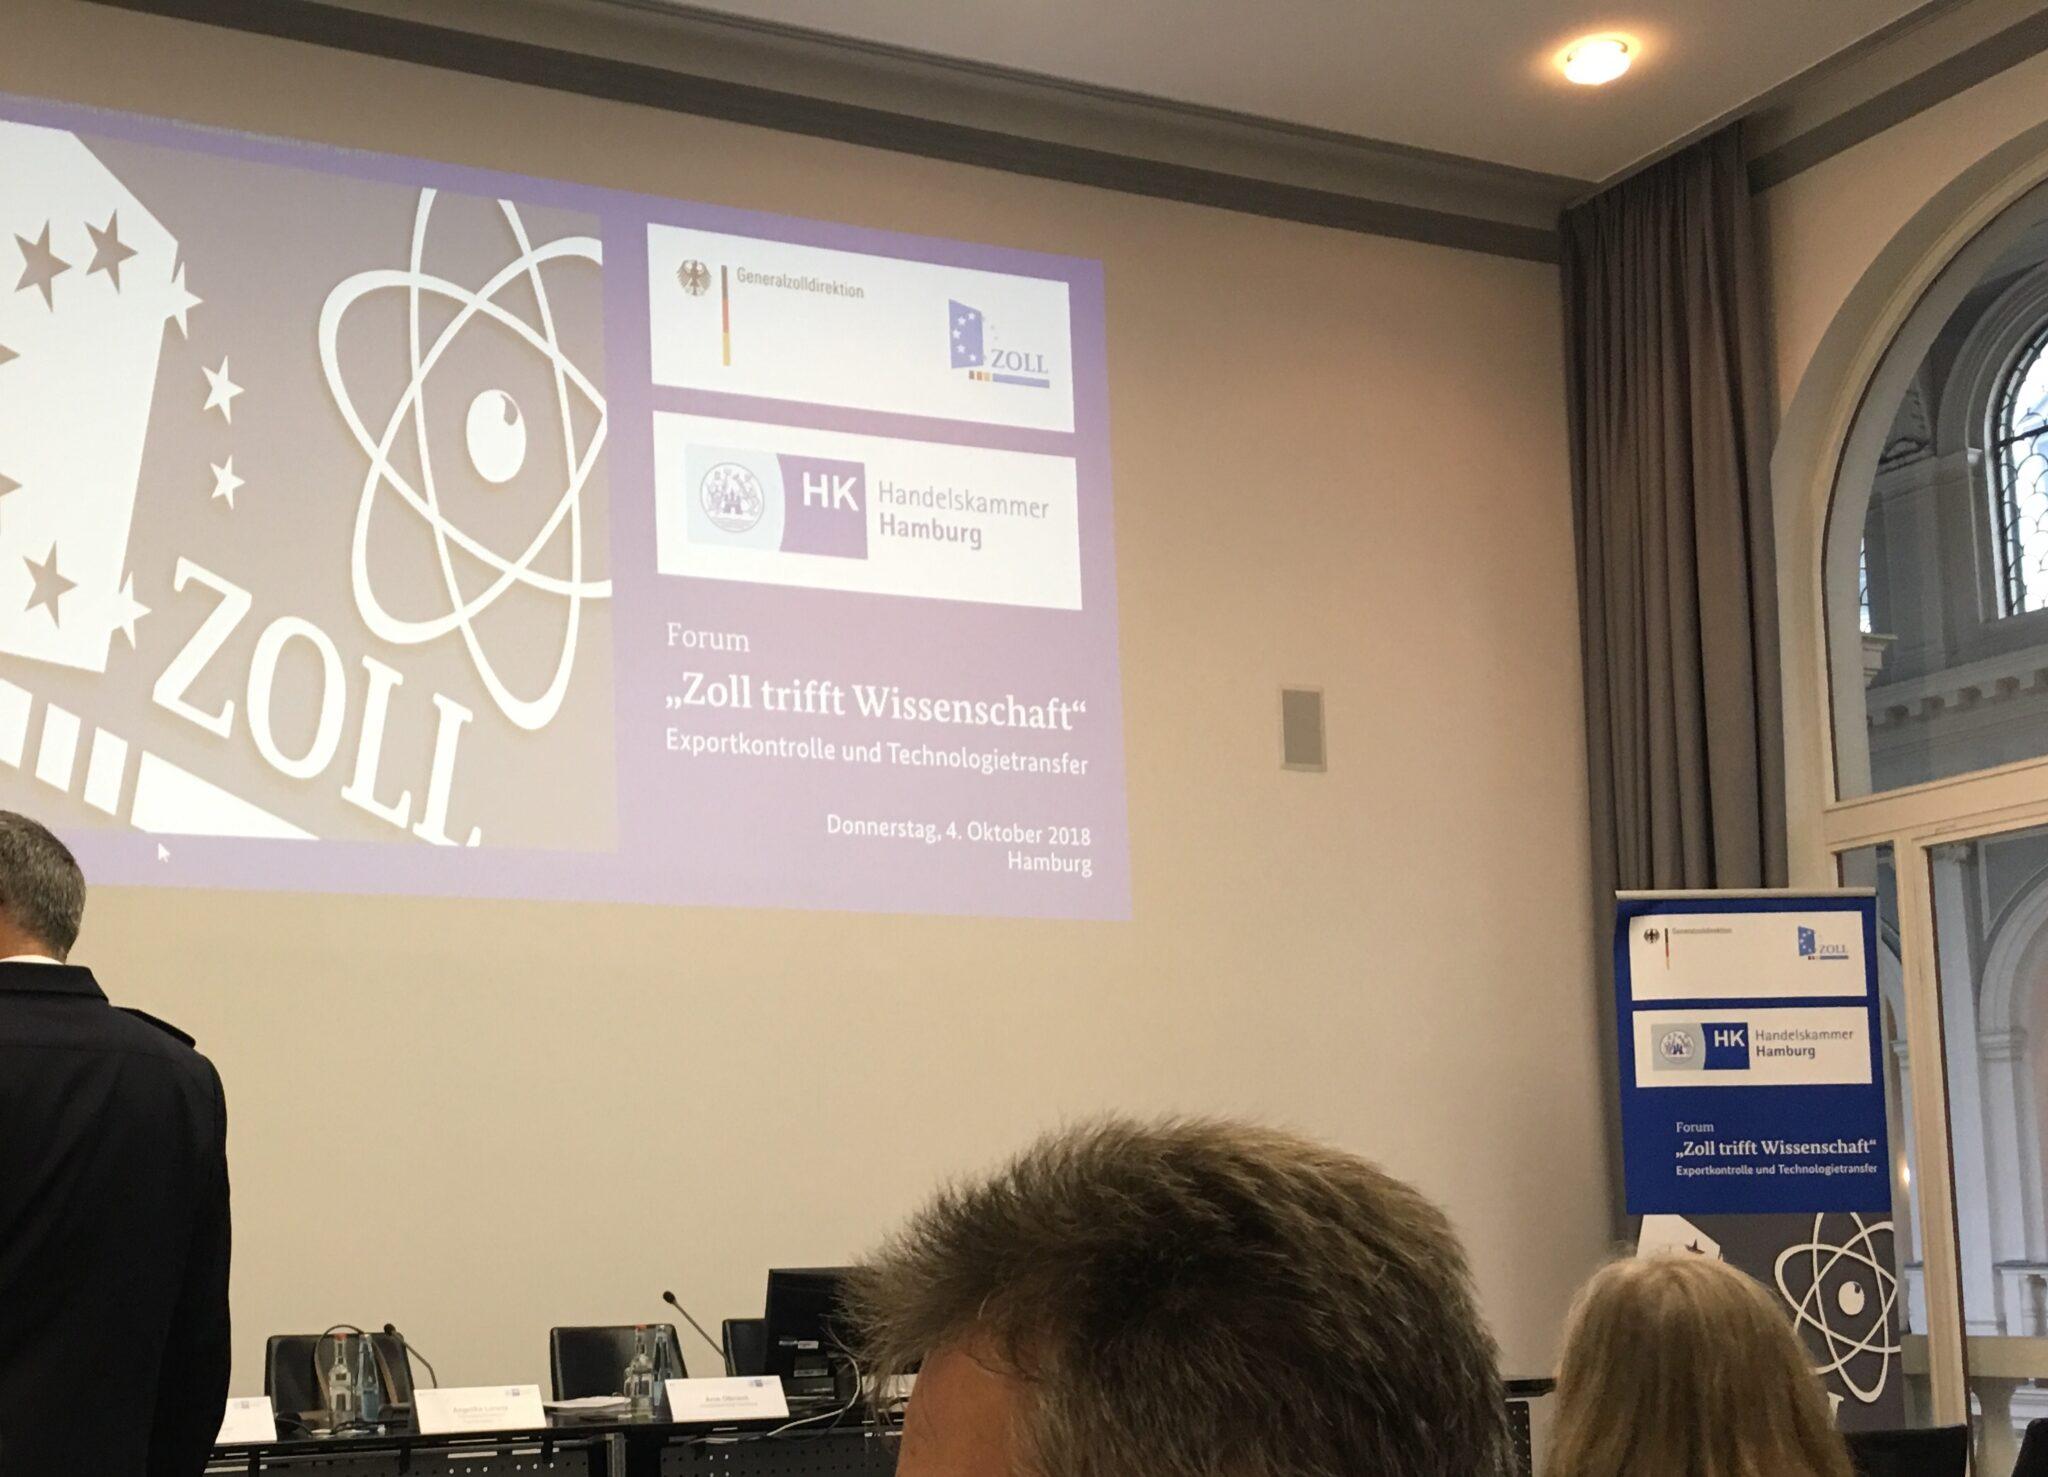 Exportkontrolle und Technologietransfer in der Wissenschaft – Zollforum in Hamburg